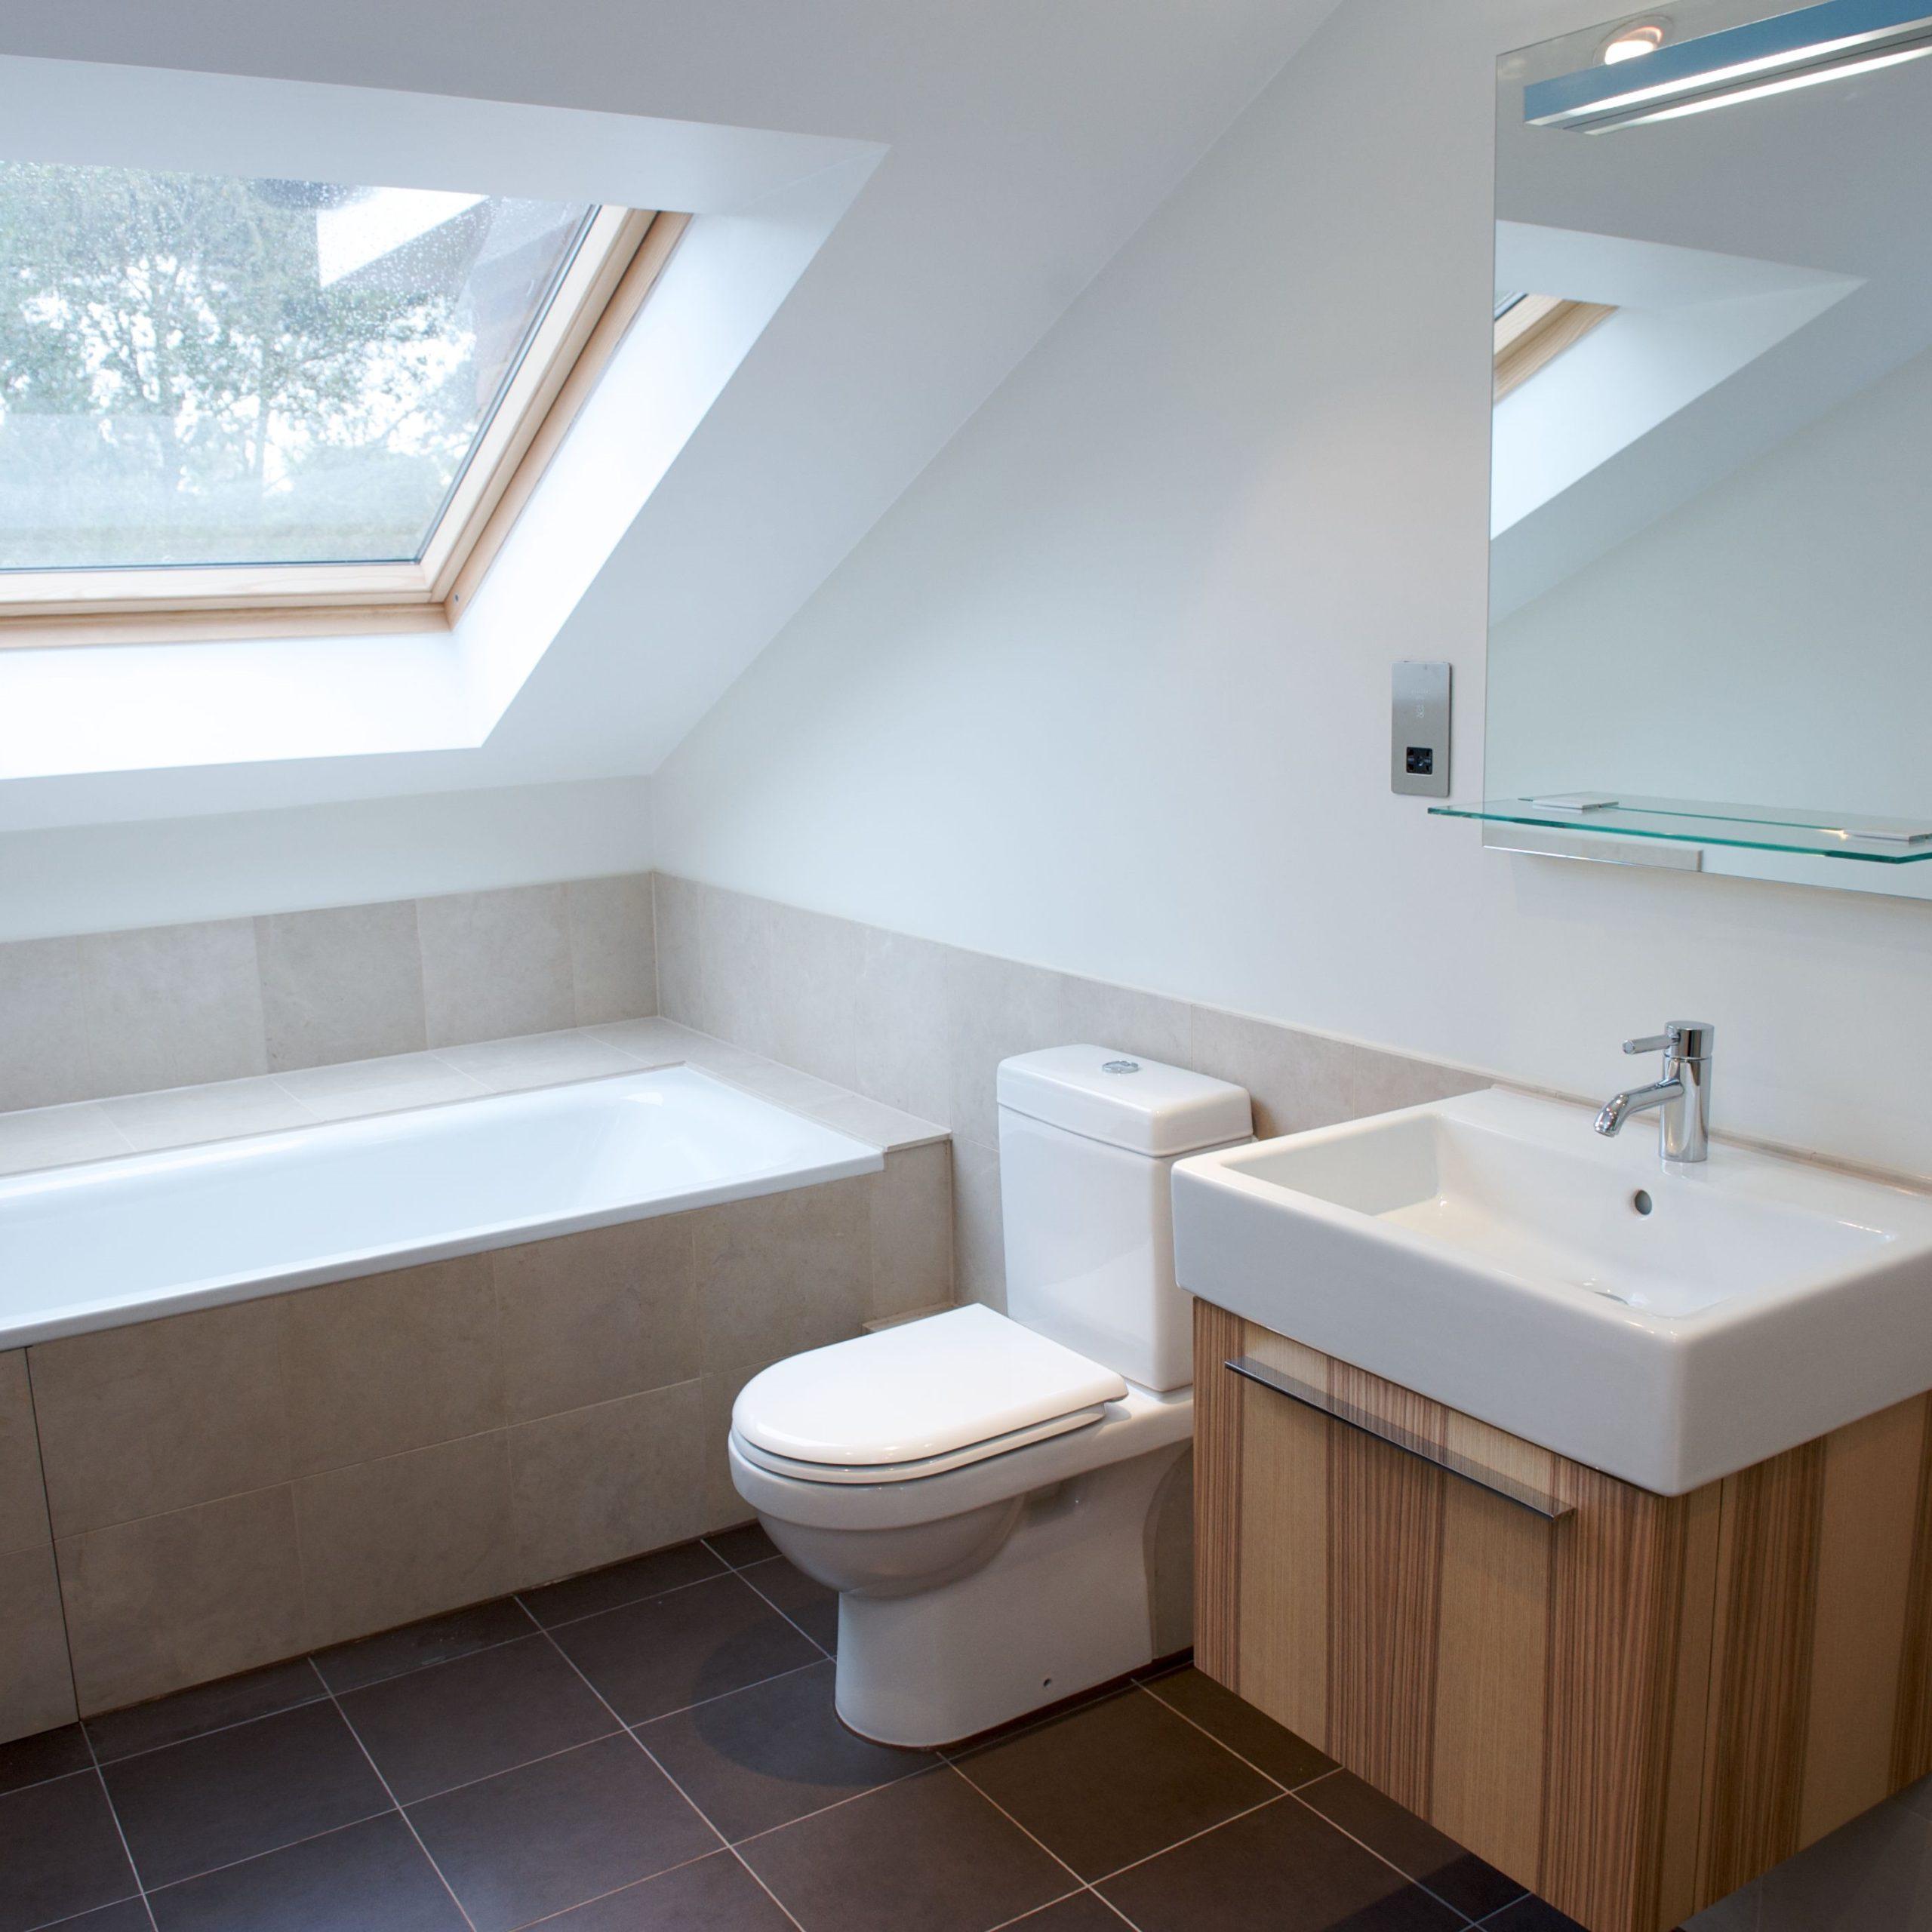 Salle de bains avec conception simple mais contemporaine.